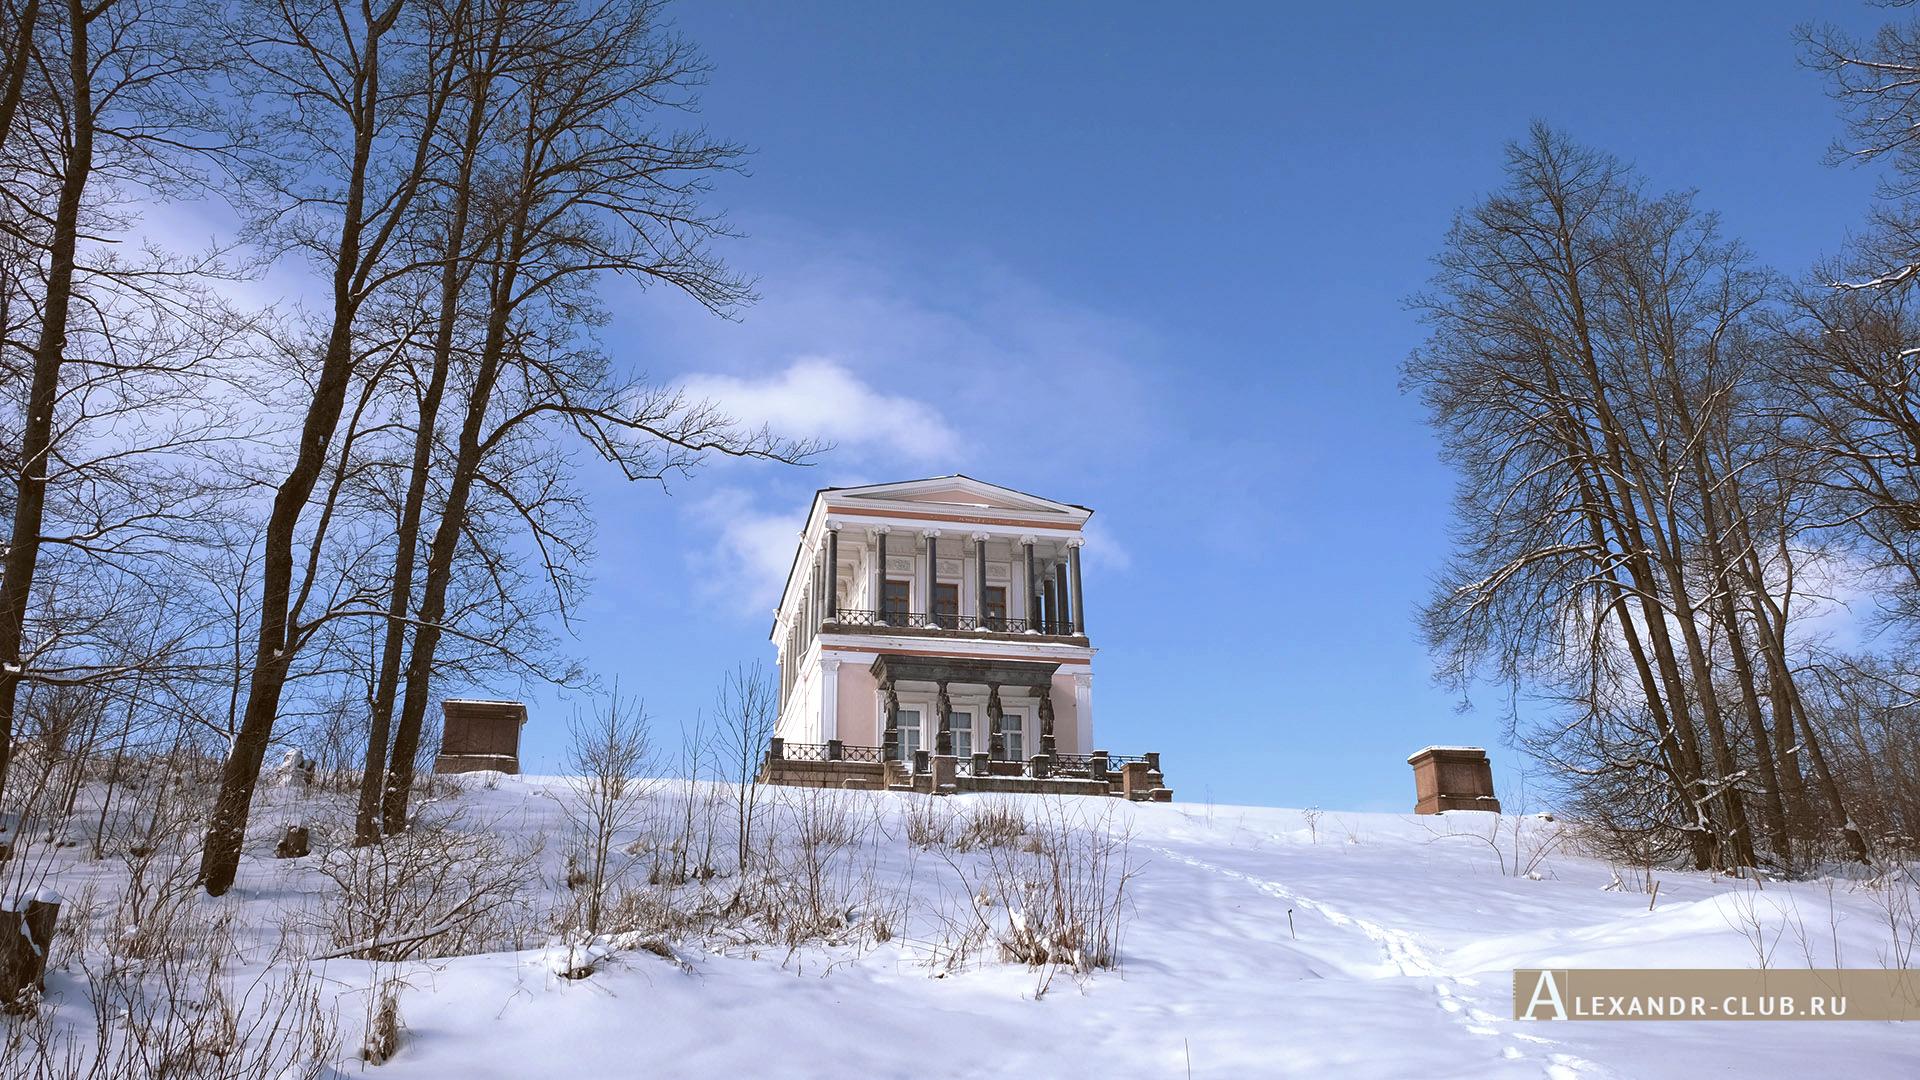 Петергоф, Луговой парк, зима, дворец Бельведер – 2